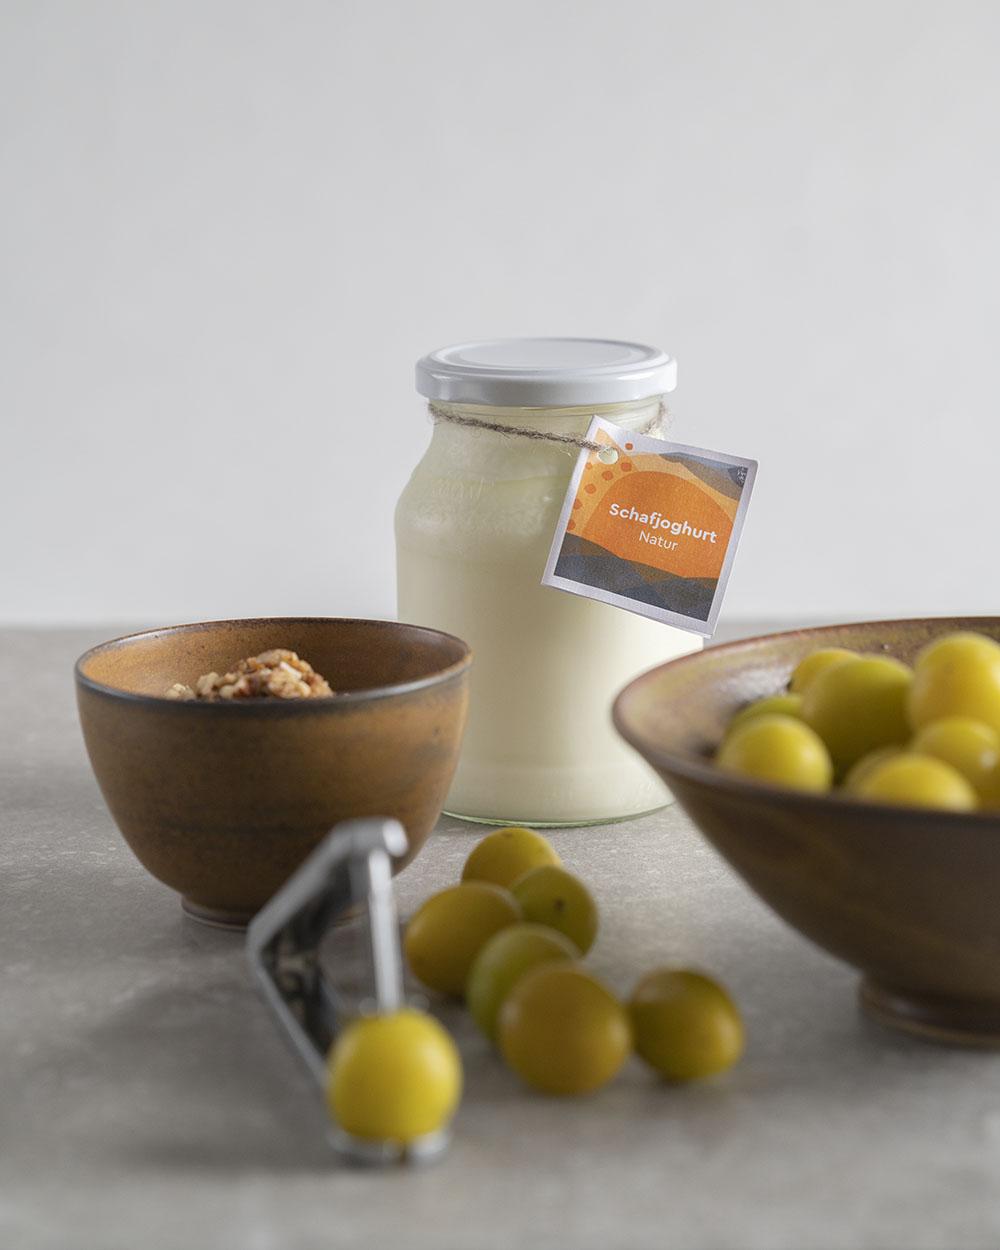 Zutaten für unseren Joghurtkuchen mit Schafjoghurt und Obst